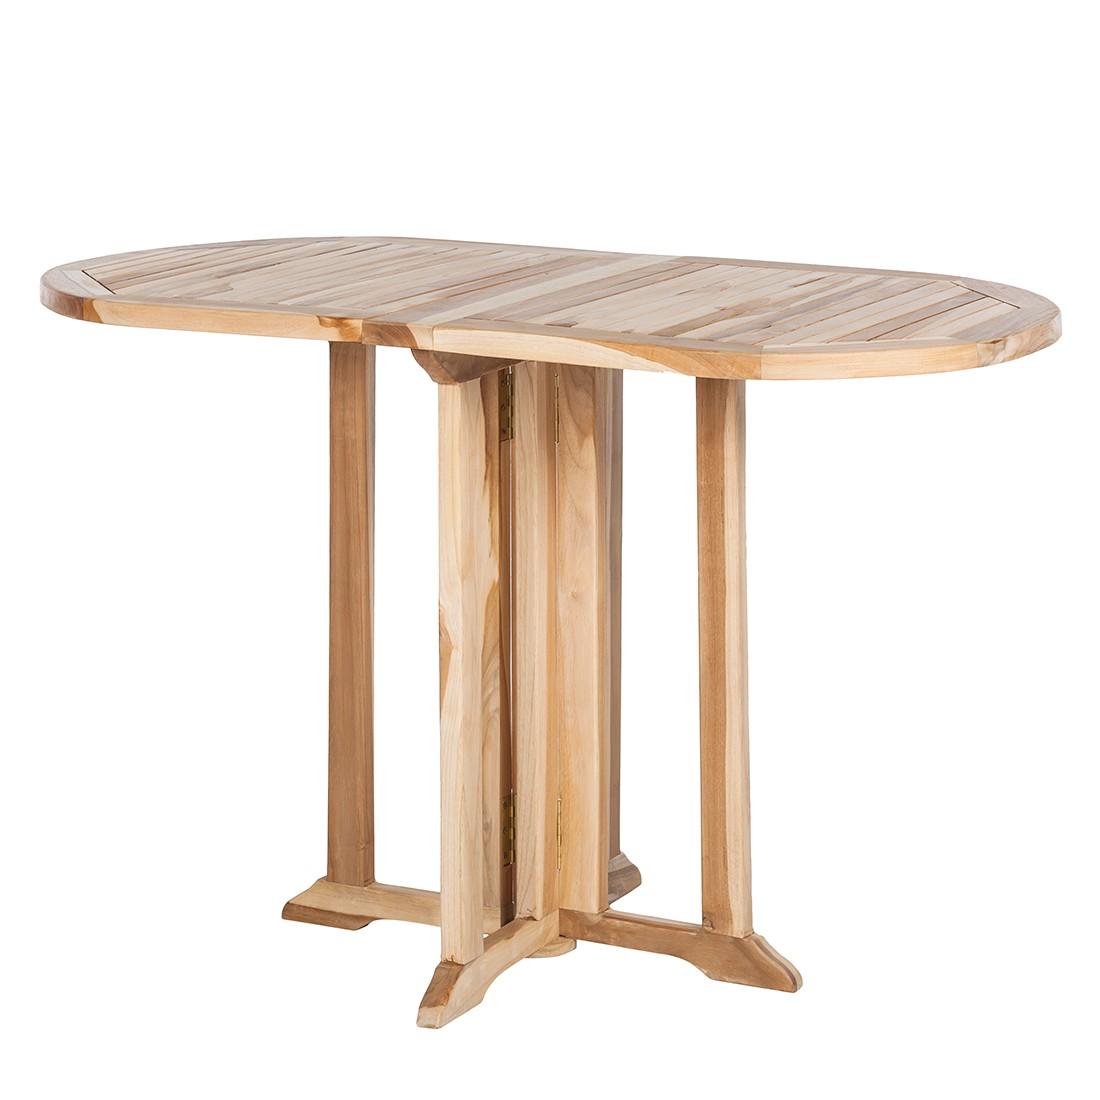 Offerta Roma Tavolo Da Giardino In Metallo E Mosaico Mercatone Uno 18  #4D2E14 1100 1100 Mercatone Uno Tavoli E Sedie